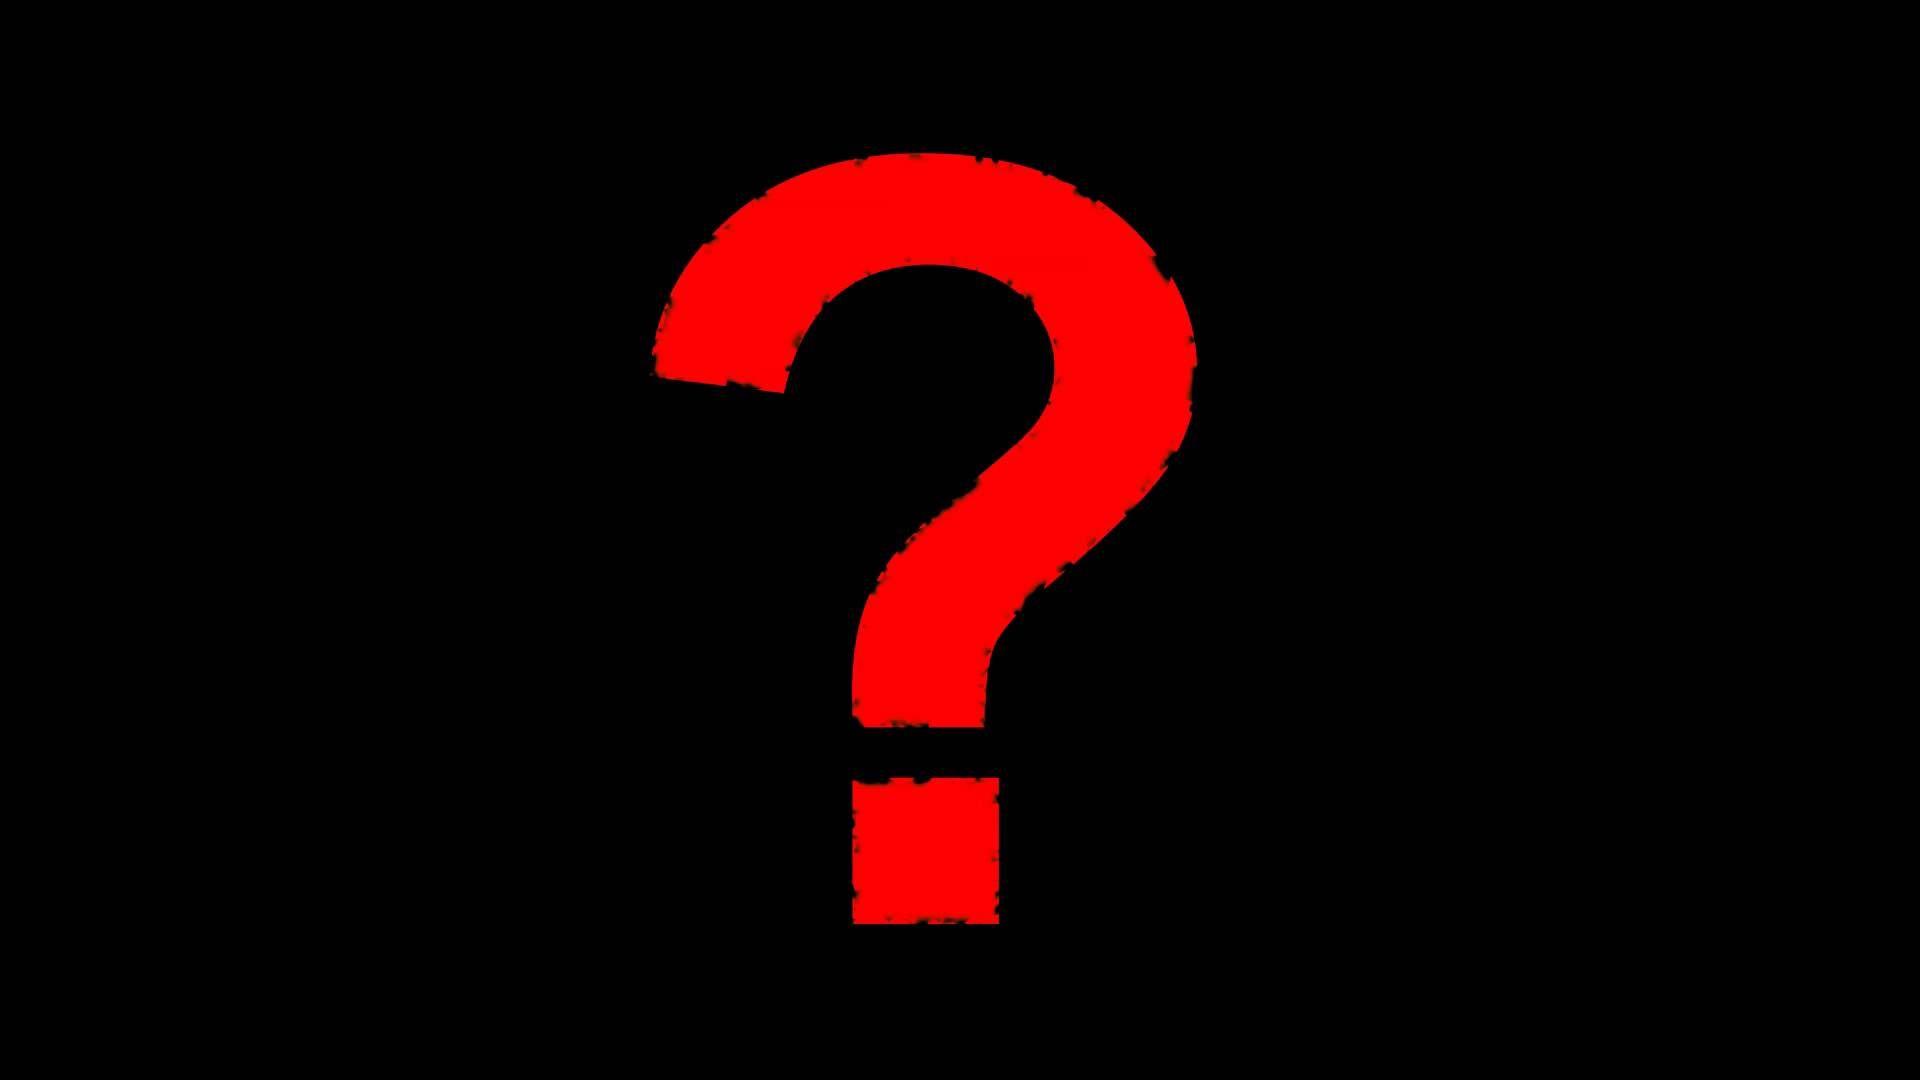 معنى إسم اصيل في اللغة العربية اسم اصيل معنى اسم اصيل موسوعة This Or That Questions Greek Music Movie Lover